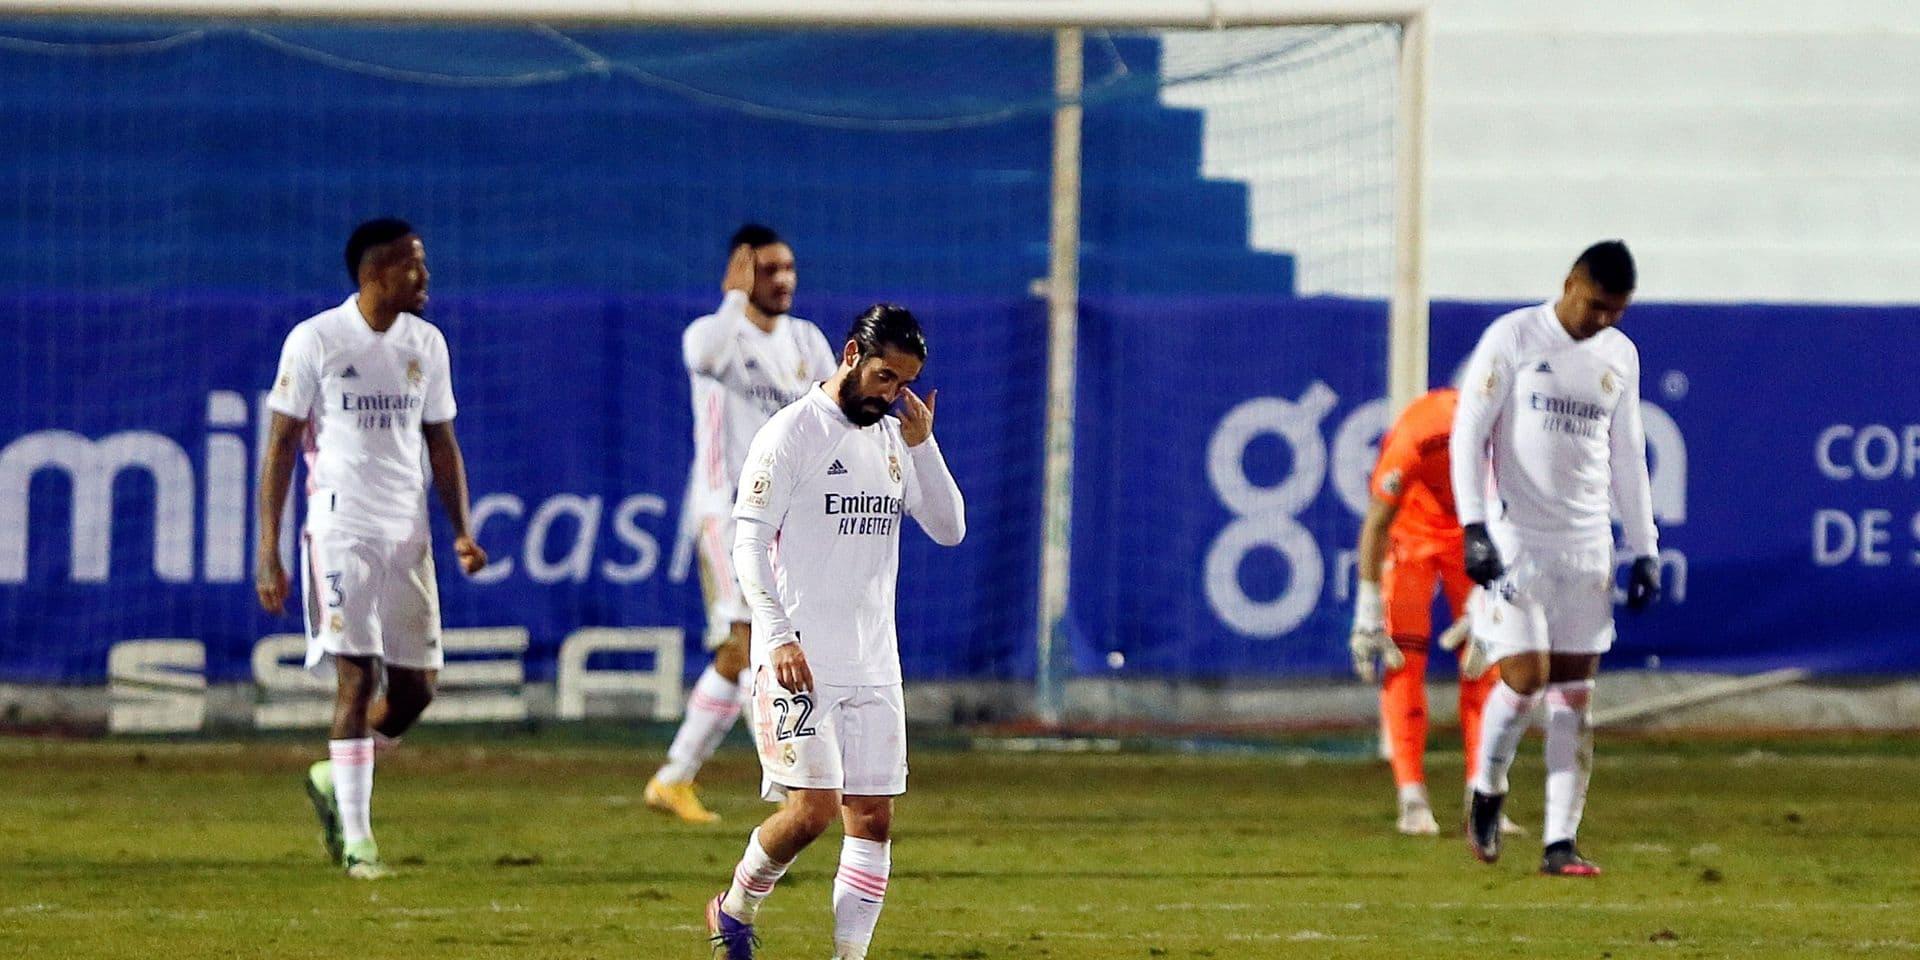 Eden Hazard et le Real Madrid éliminés de la coupe par une D3, Courtois sur le banc toute la rencontre